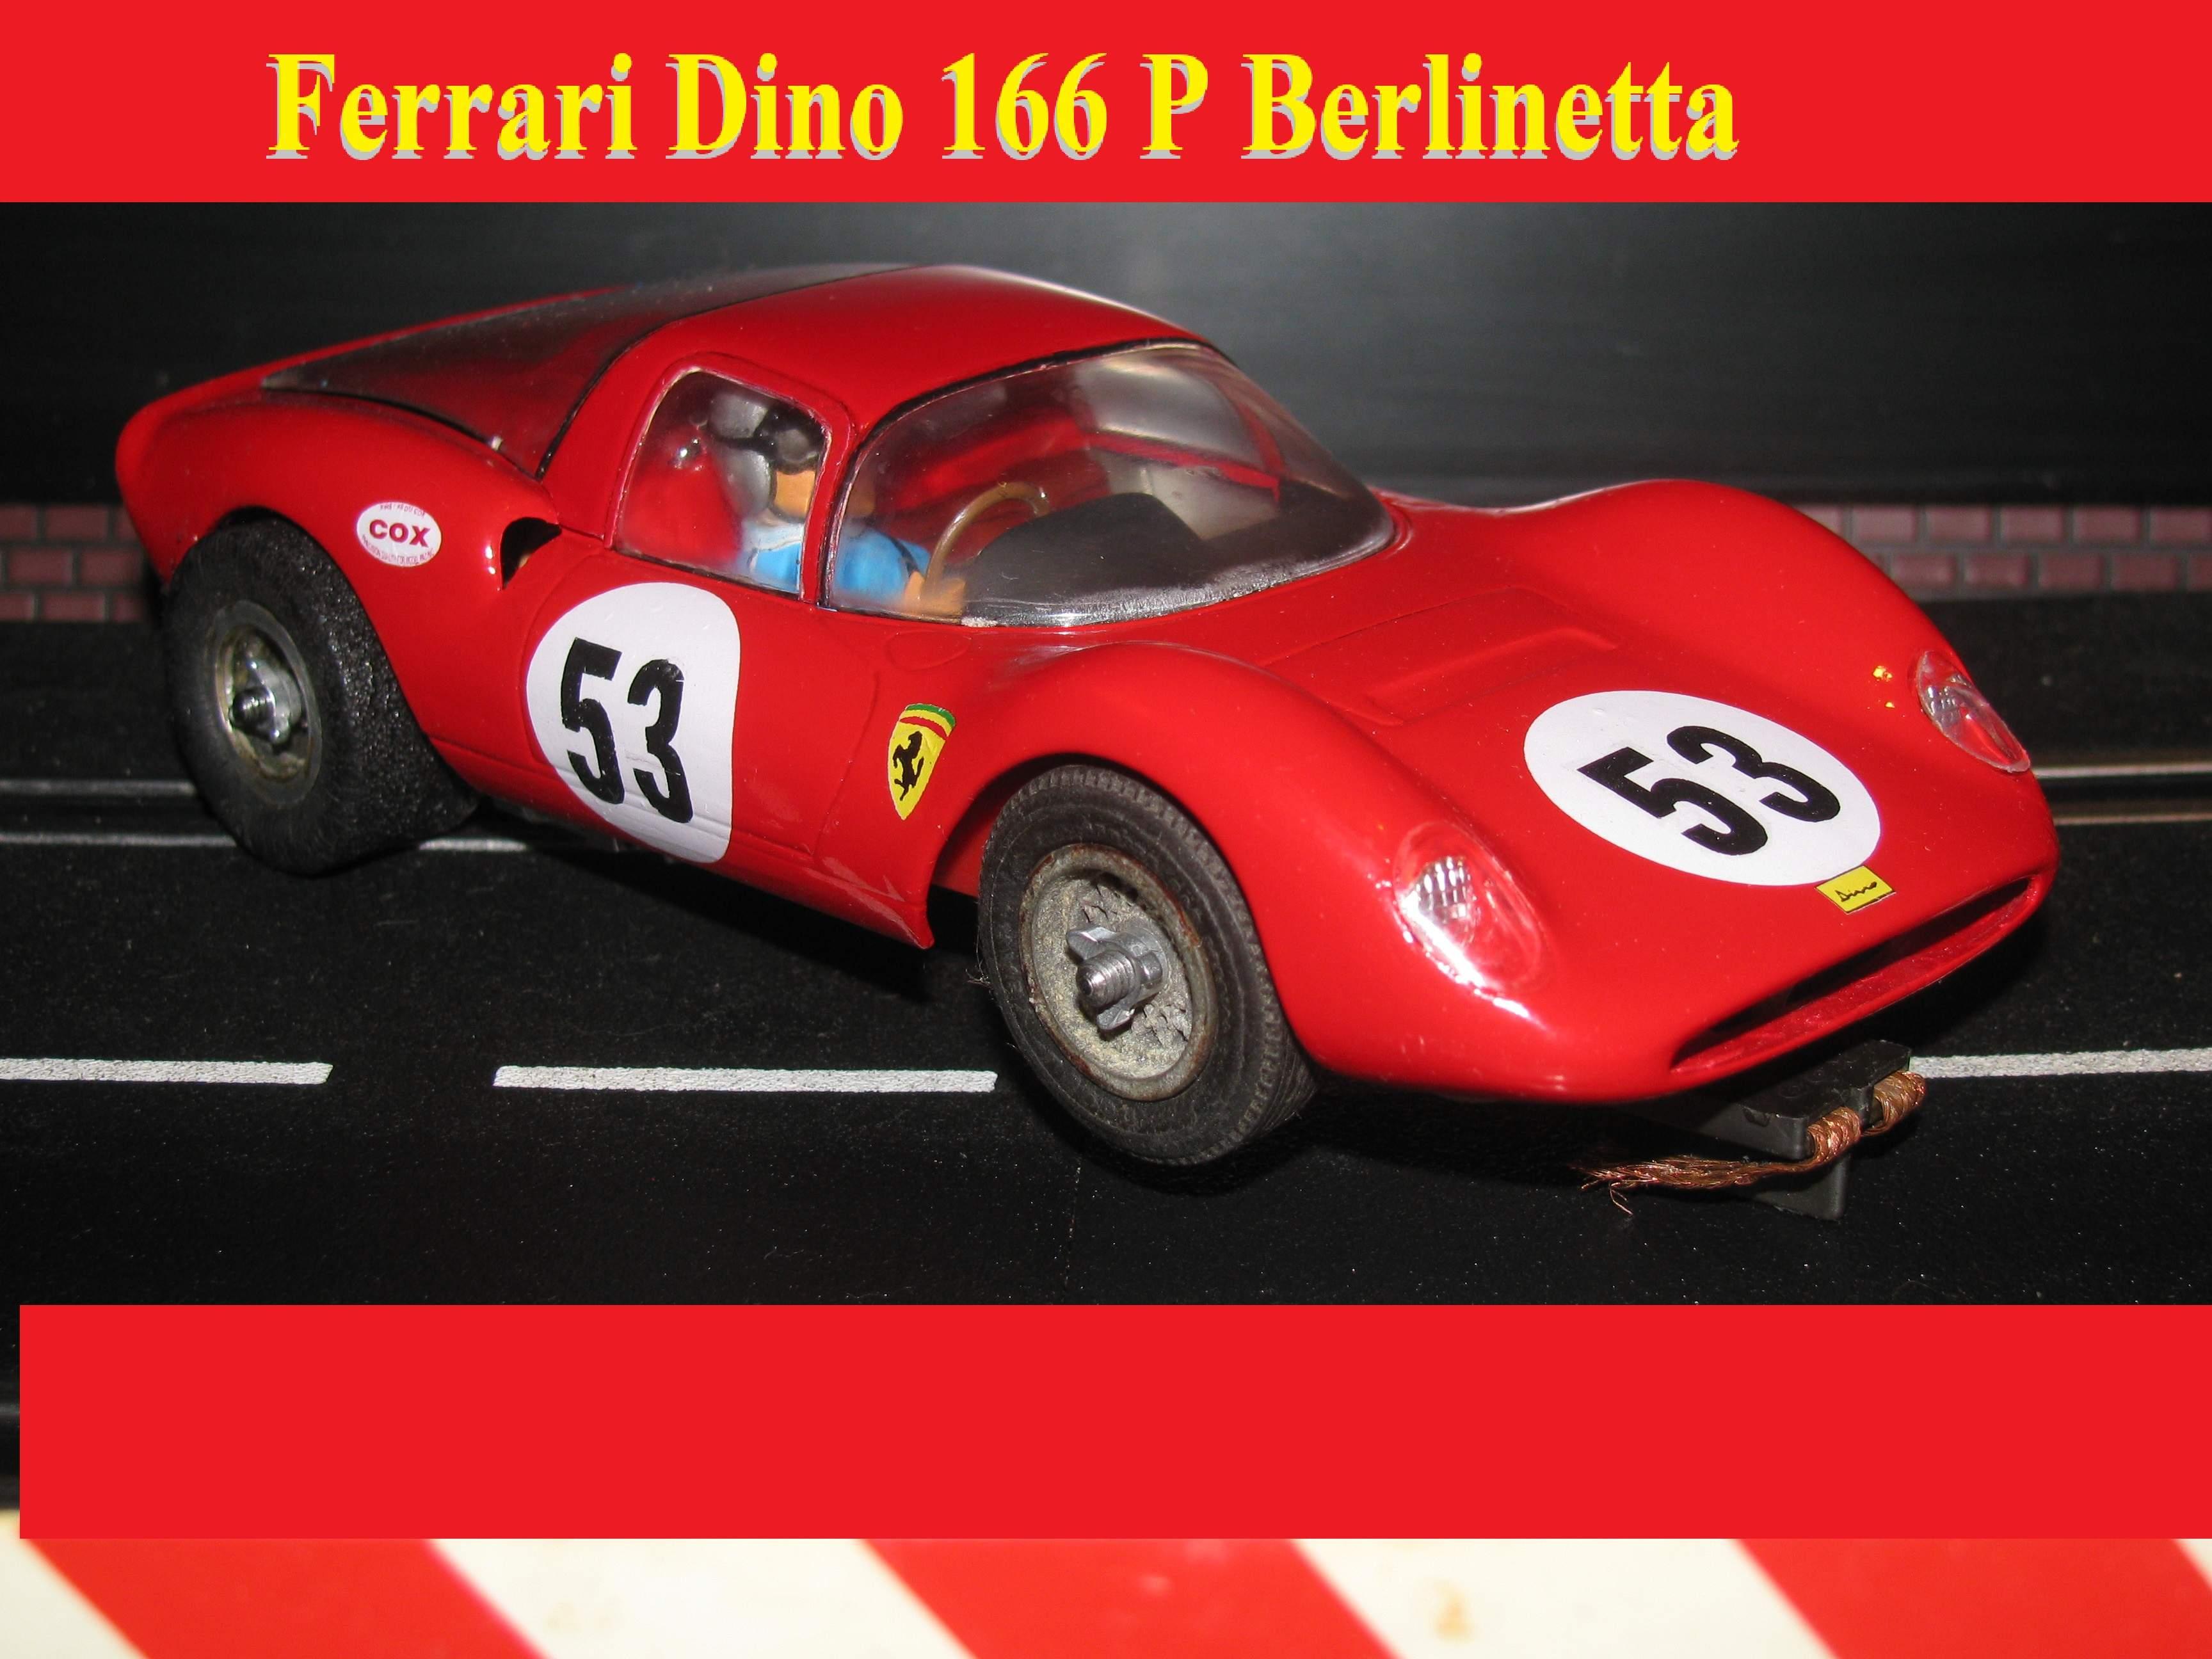 * Happy New Year Sale * COX Ferrari Dino 166 P Berlinetta 1:24 Scale Vintage Original Car #53